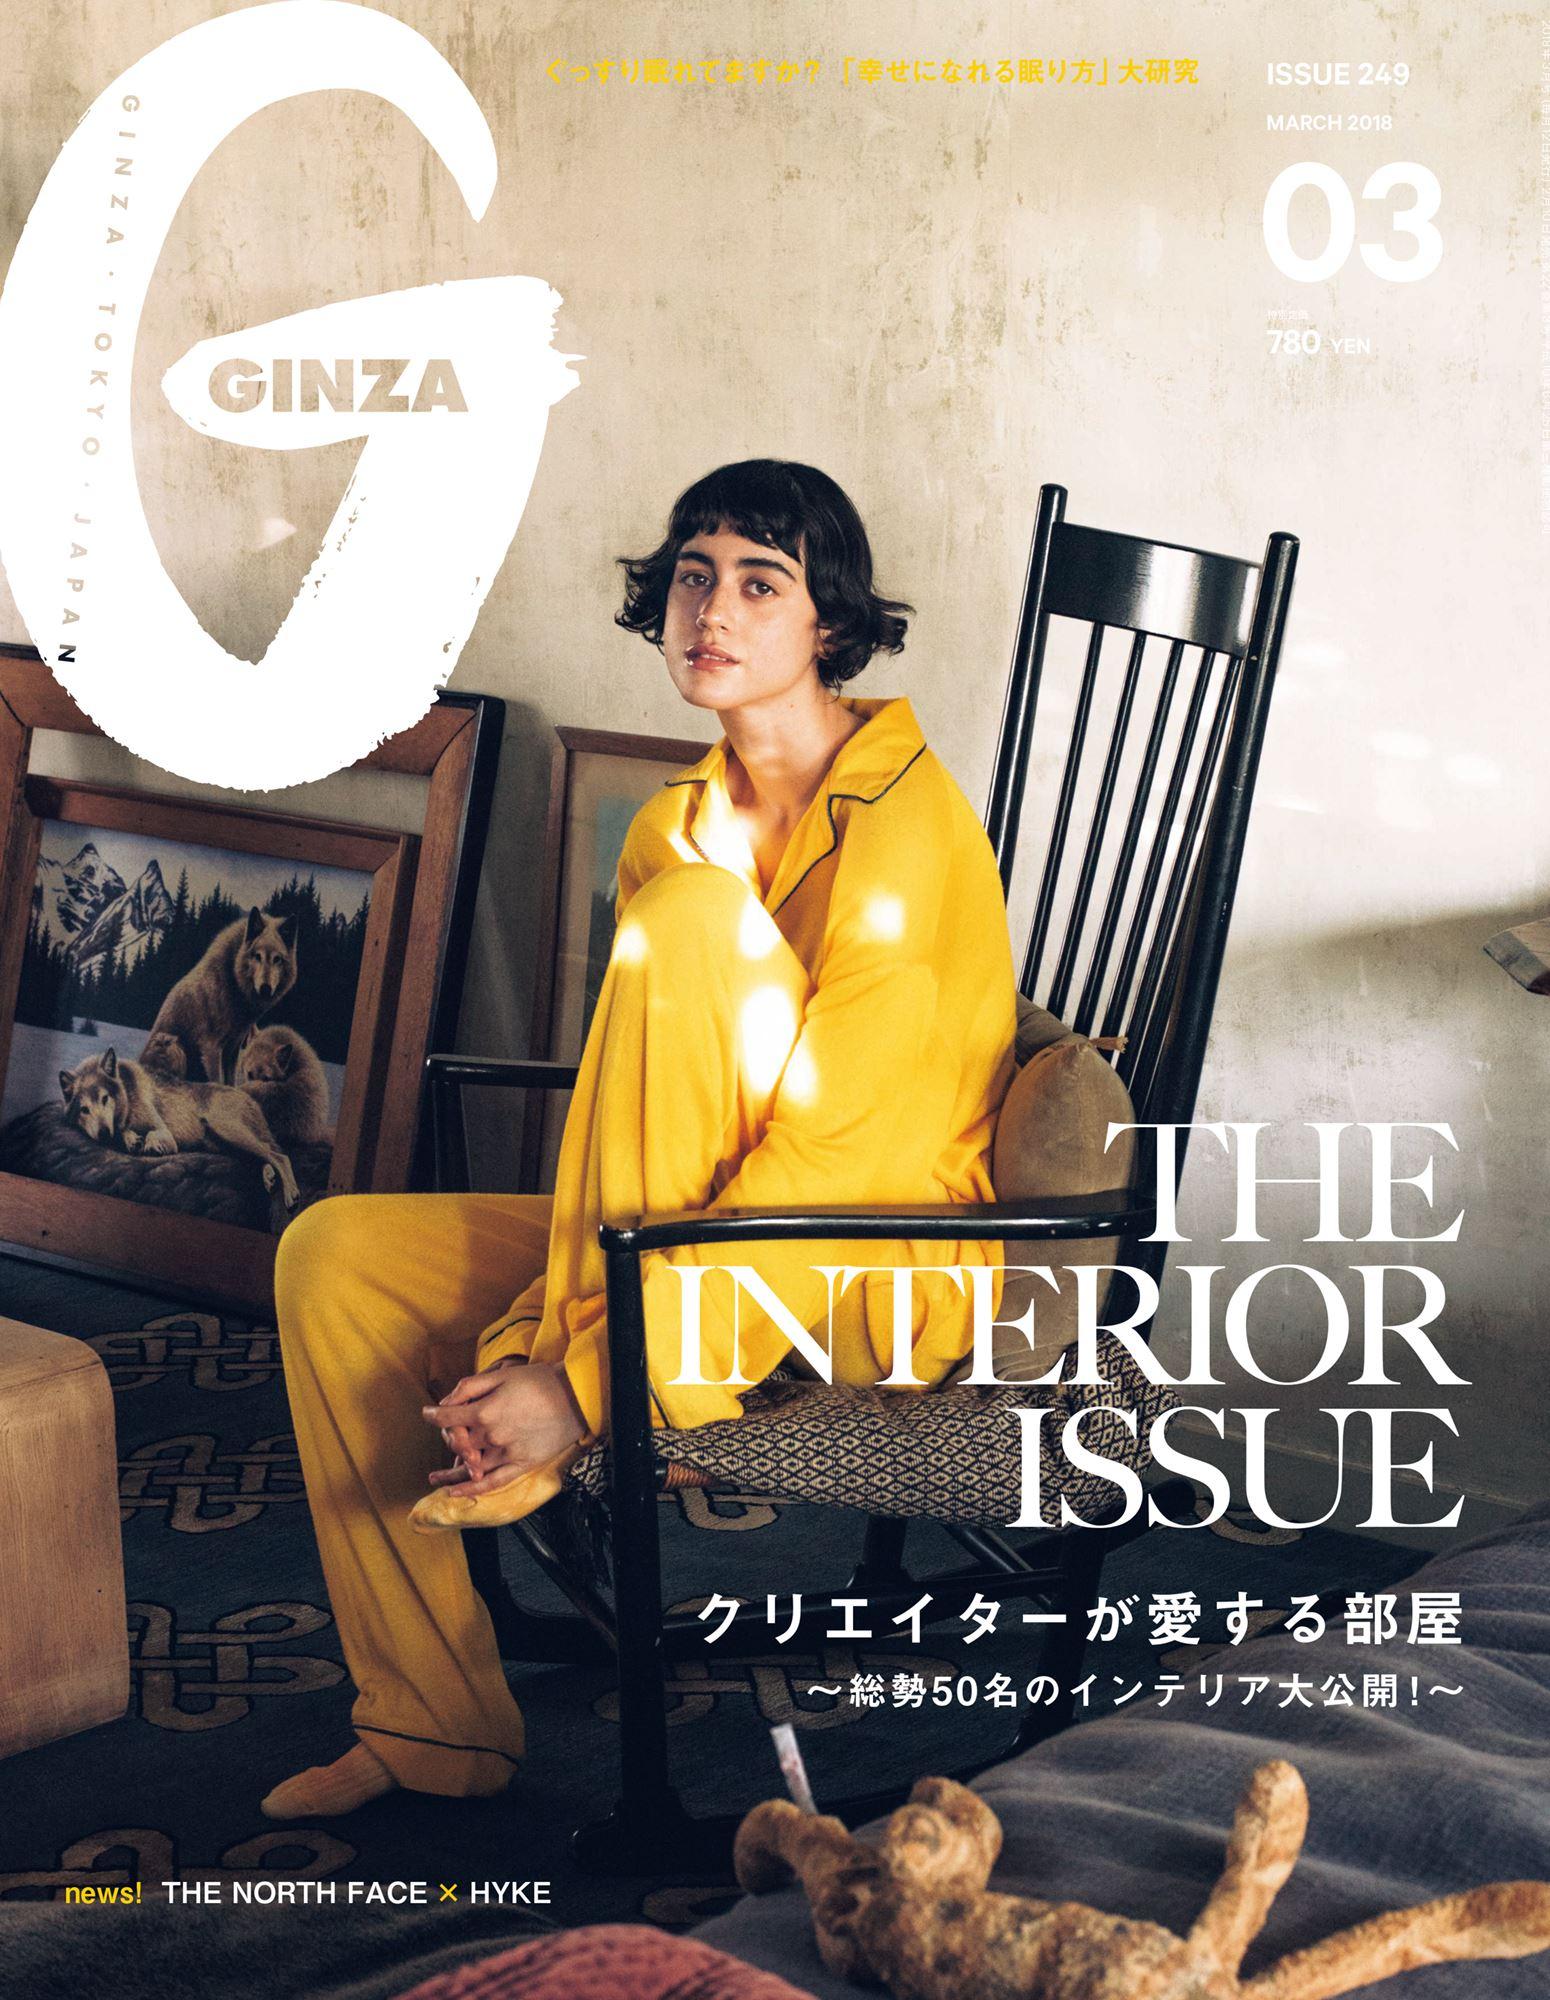 GINZA No.201803